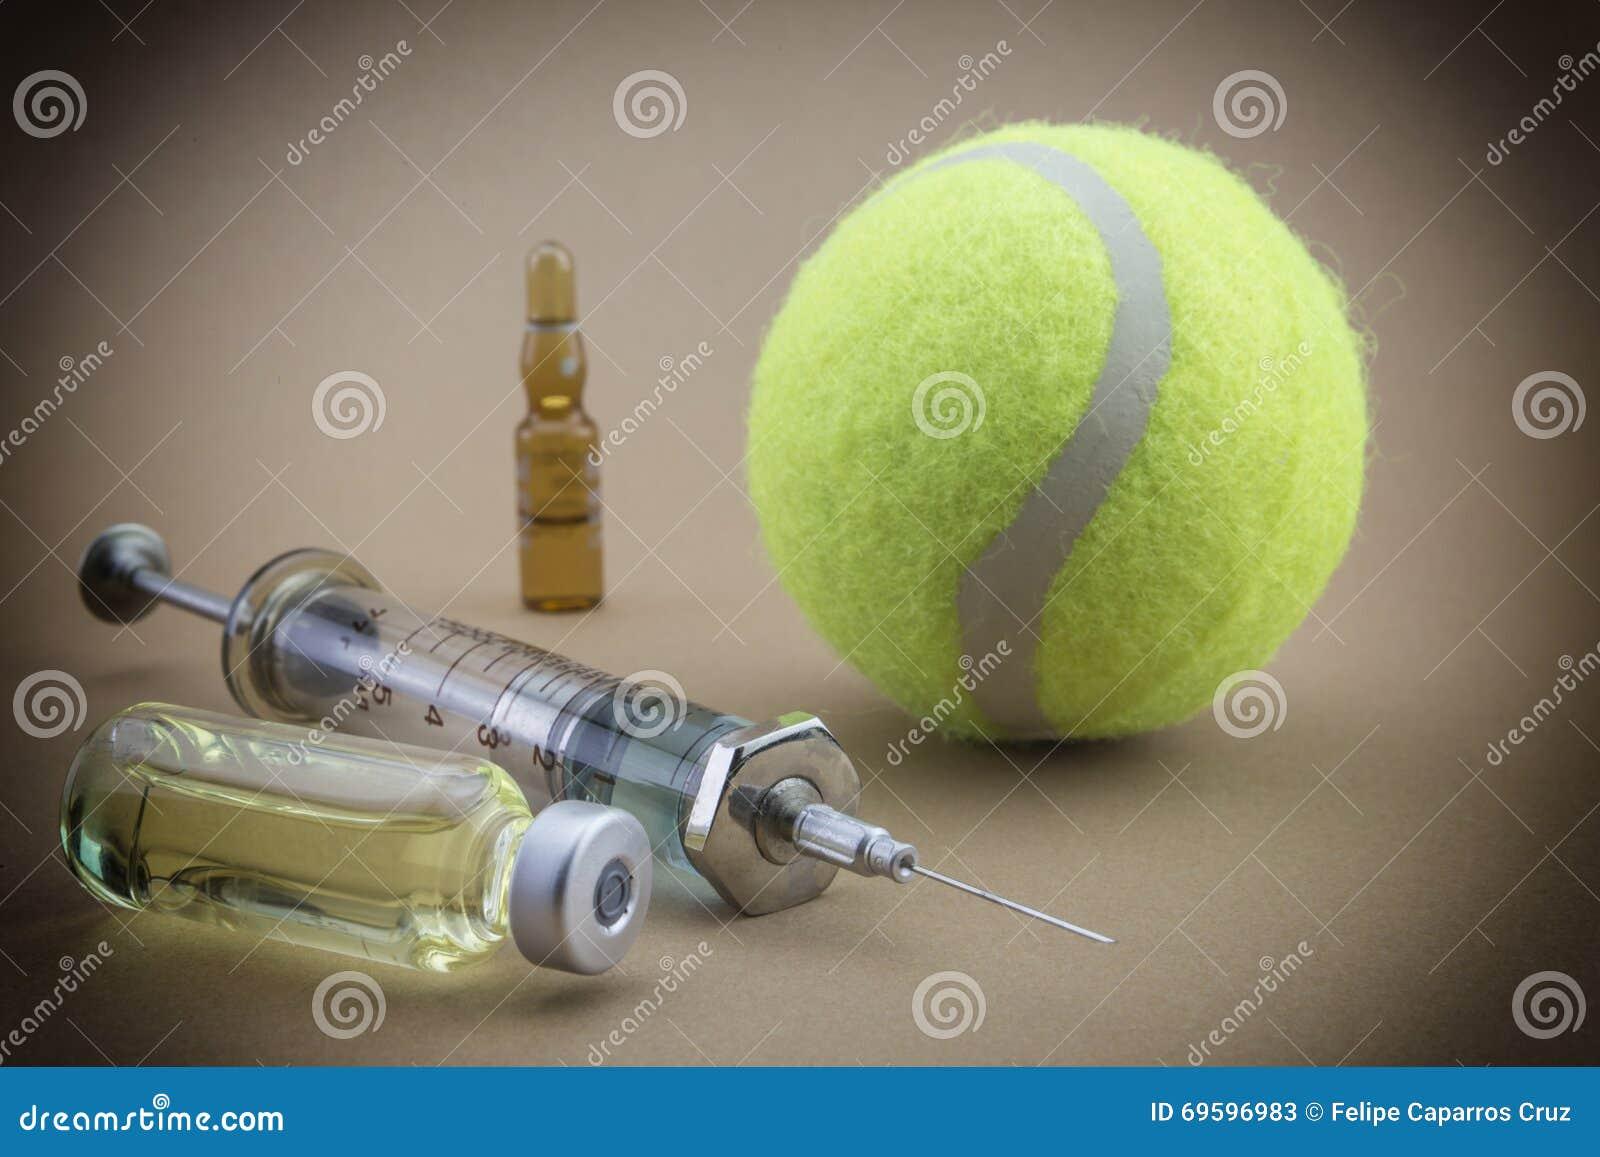 Testes para a pesquisa da urina junto com uma bola do tênis